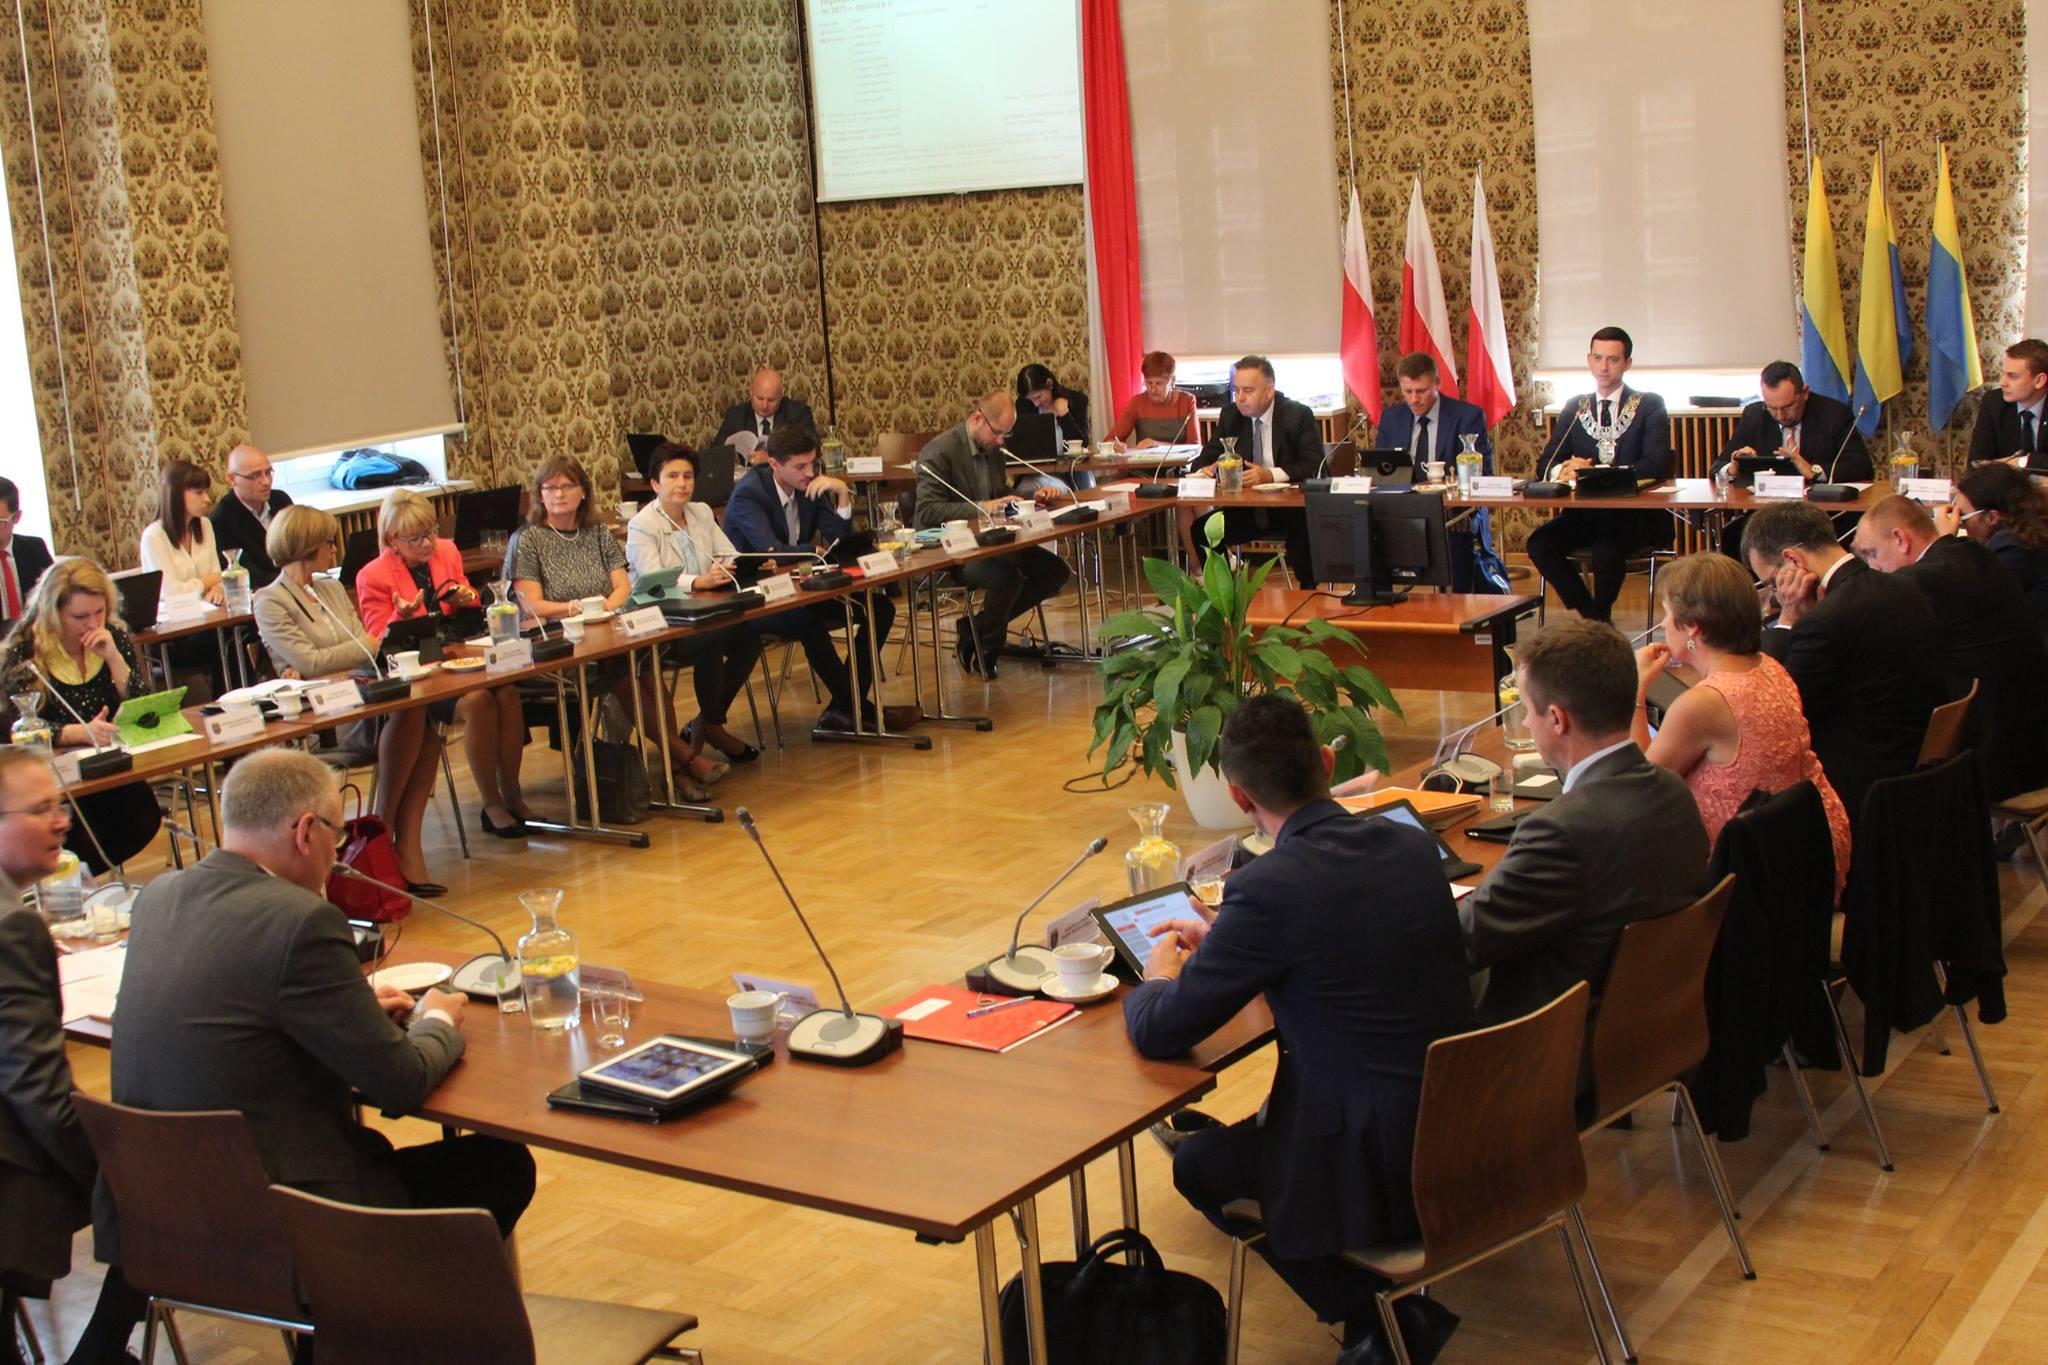 Uchwała Rady Miasta Opola poprzedniej kadencji została uchylona przez wojewodę i sąd (fot. opole.pl)